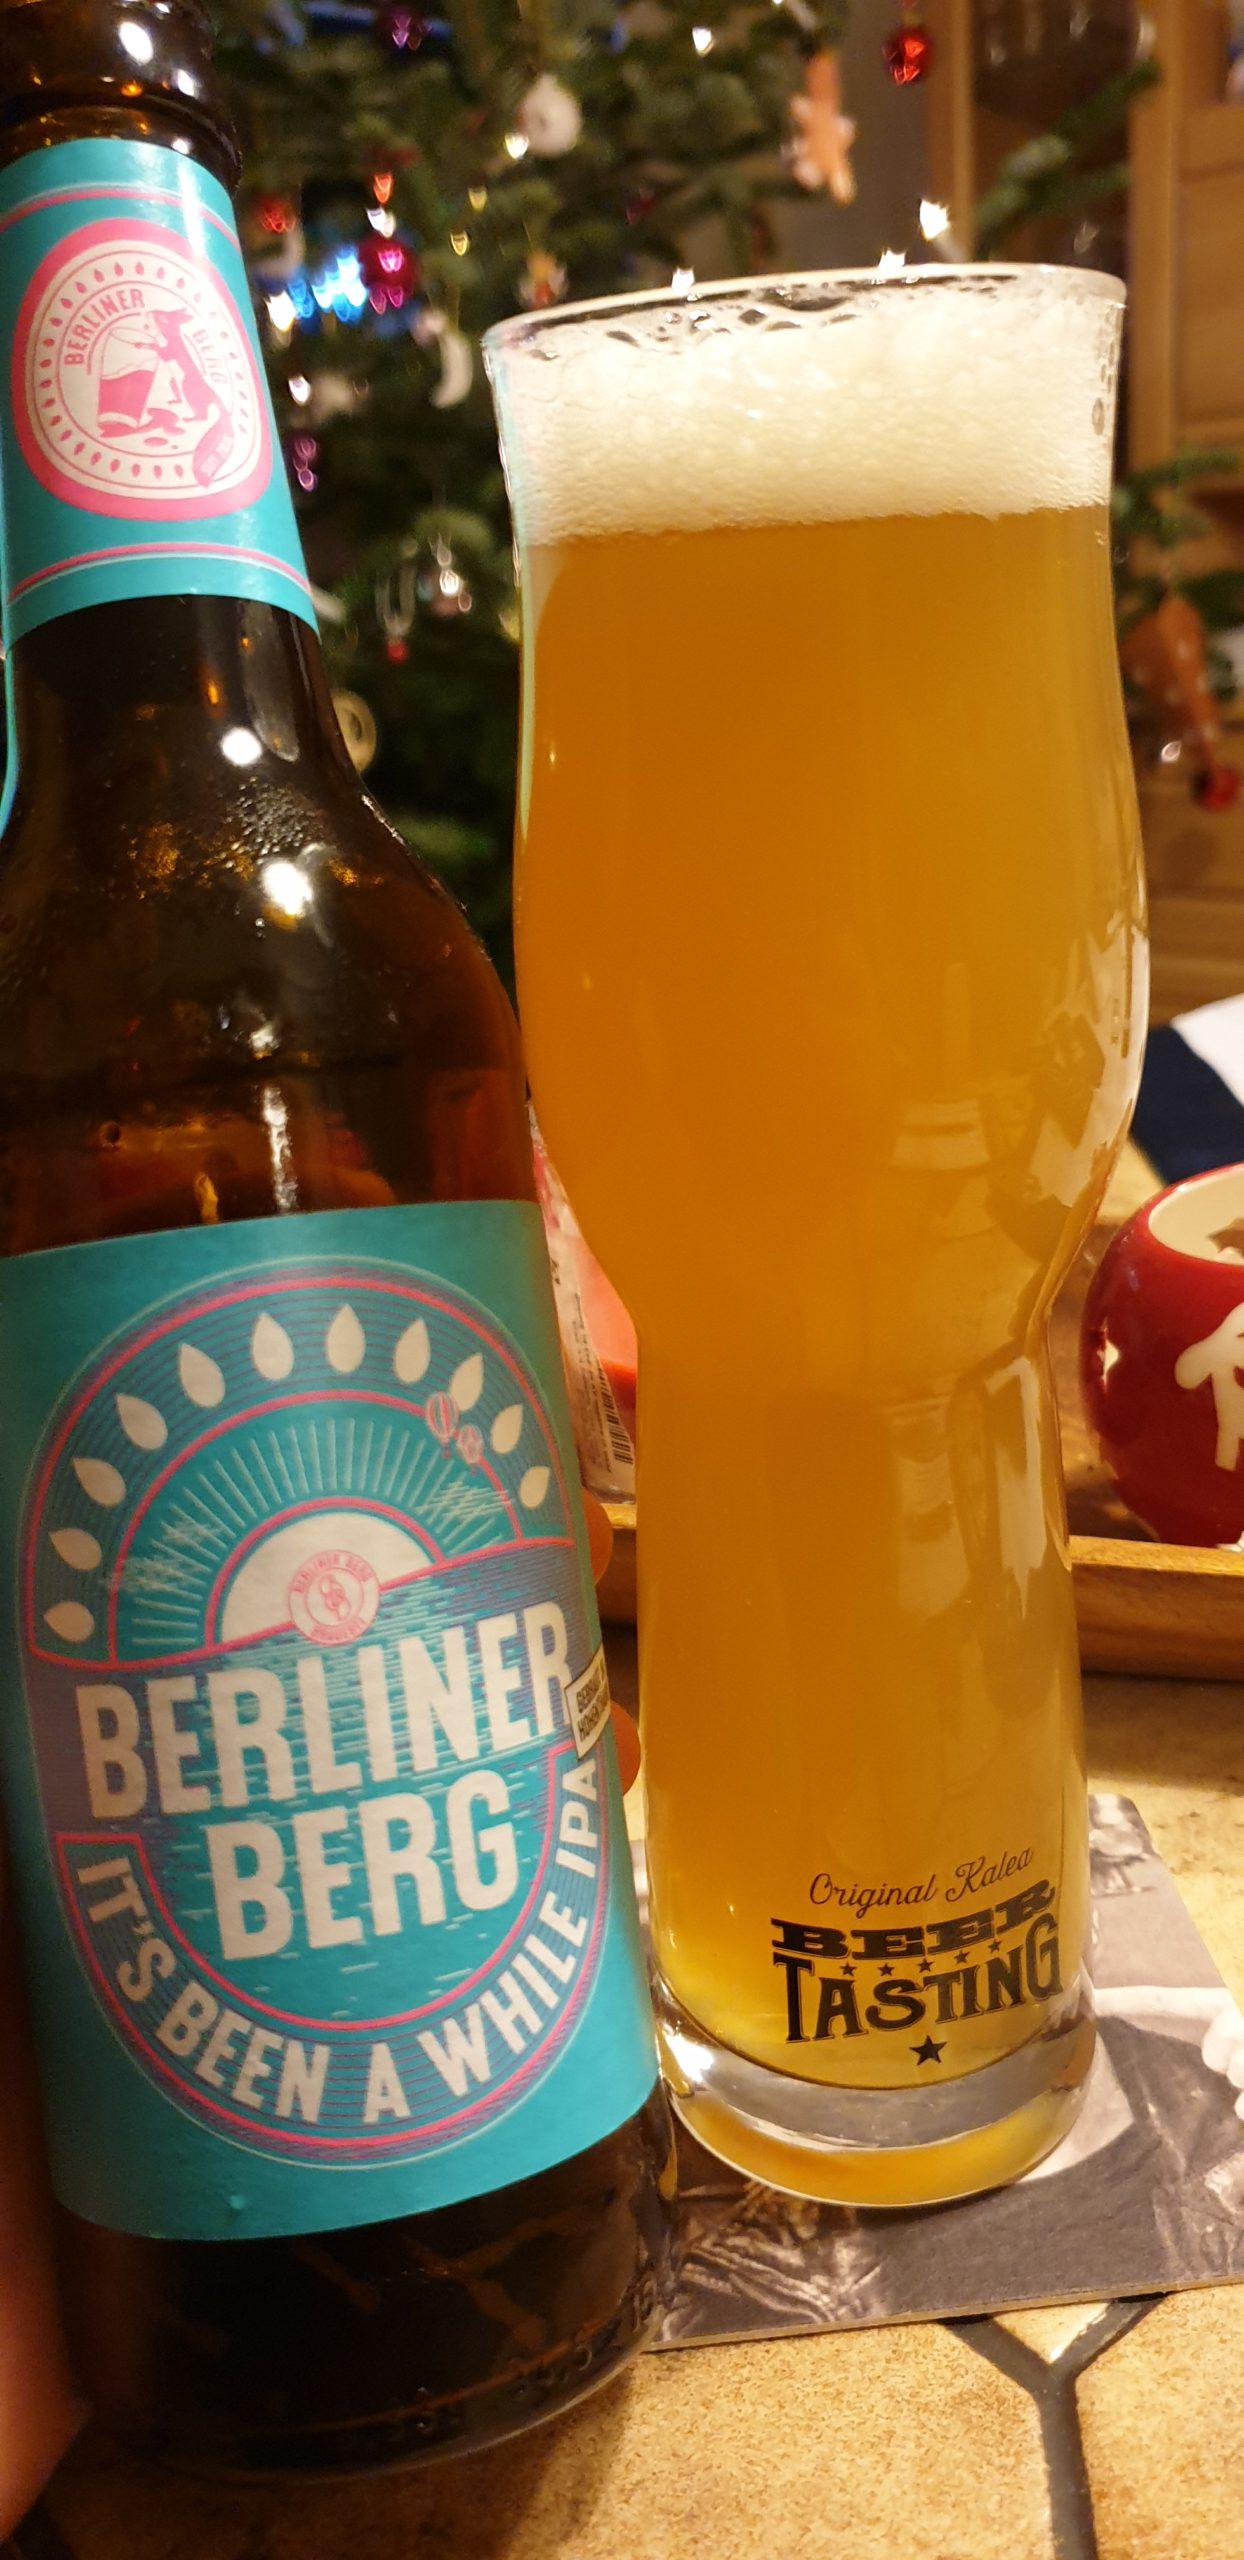 Bierkalender (Craft Edition DE 2019) Berliner Berg – It's been a while IPA